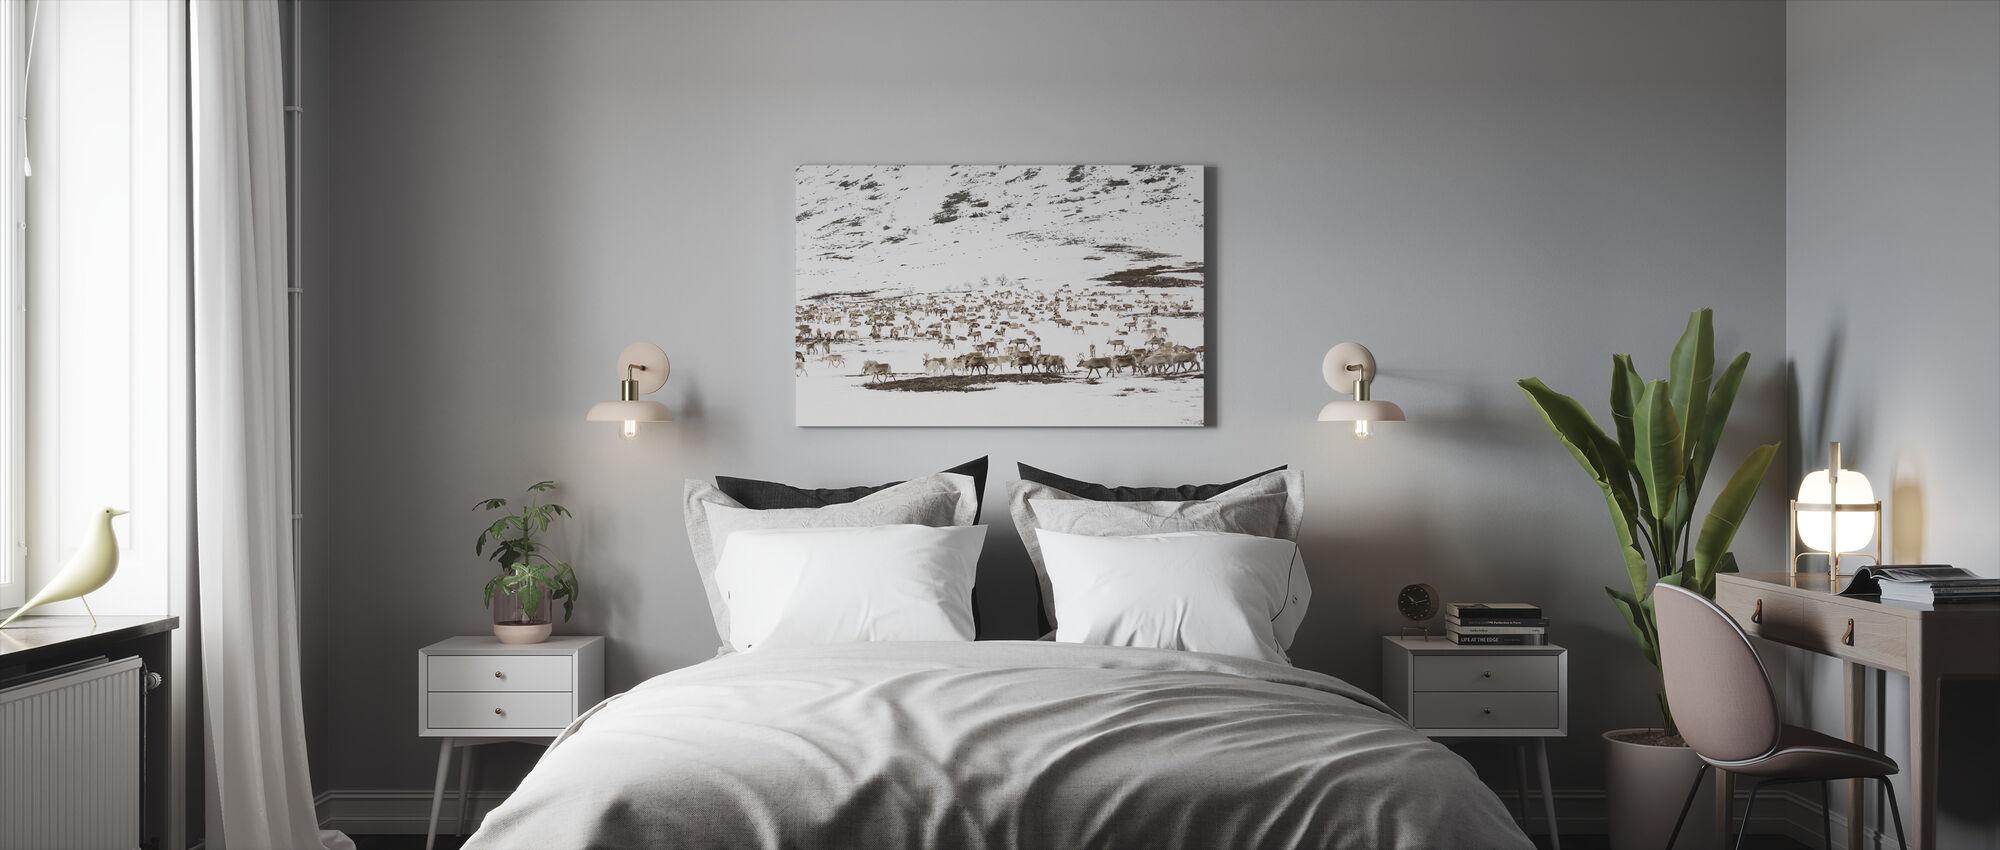 Reindeers in Winter Landscape - Canvas print - Bedroom